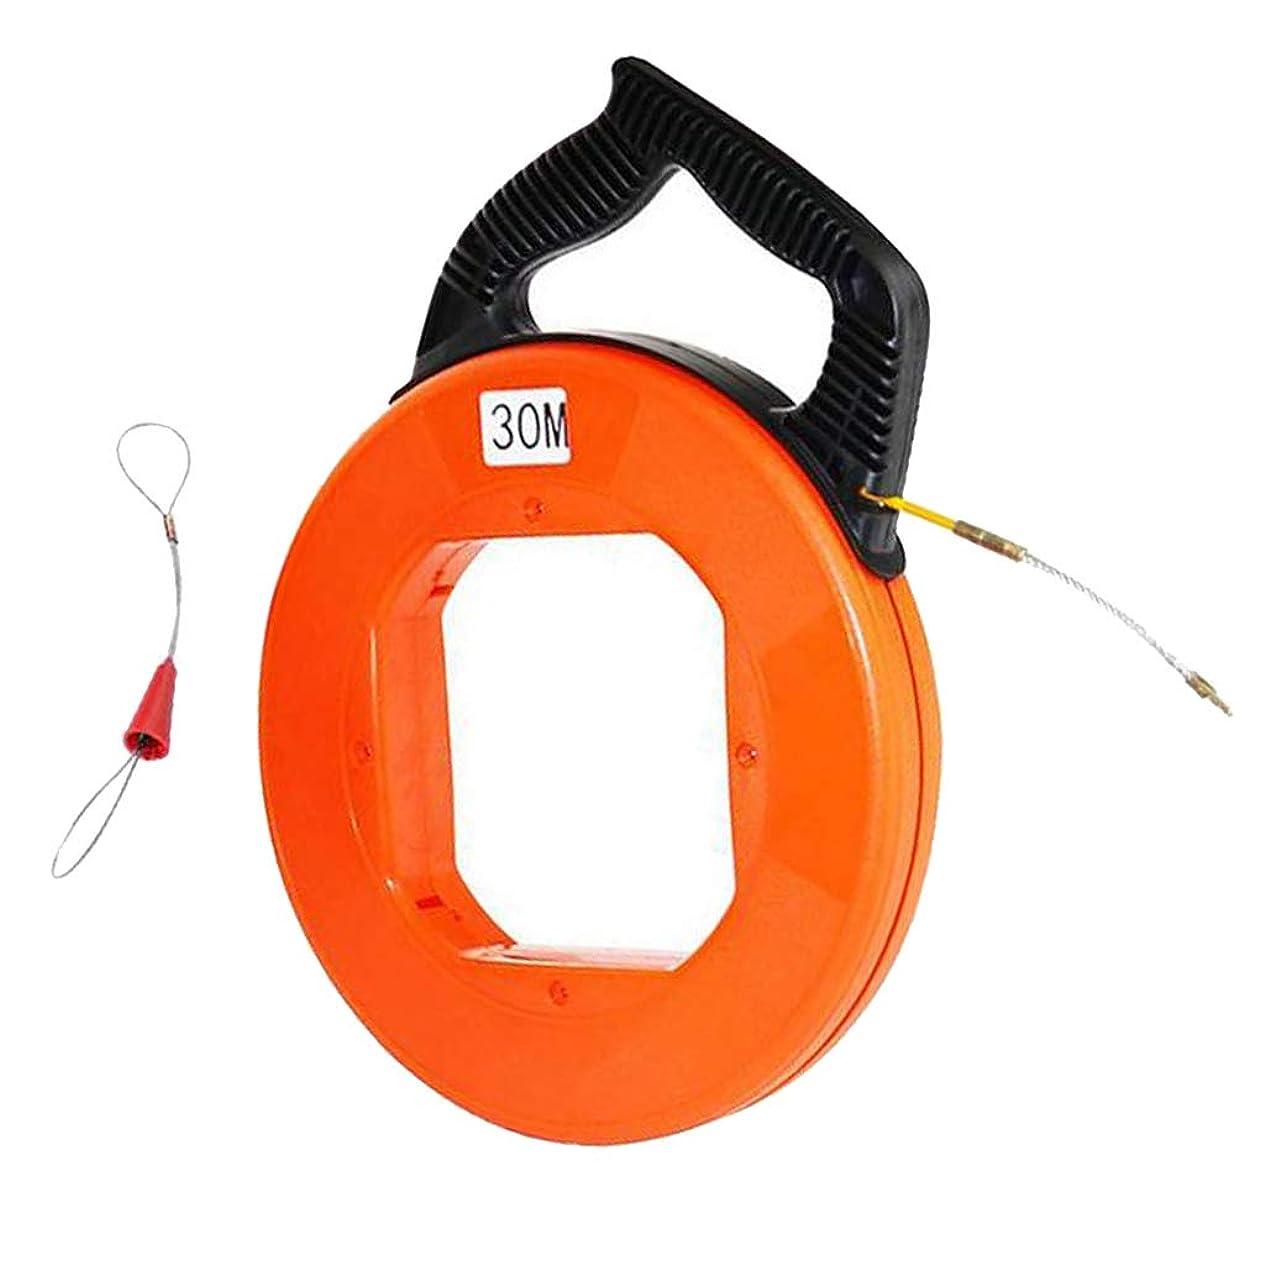 ブランドマトロンバイオリンyotijar グラスファイバー魚テープツール4 Mm Diaダクトチップポータブル水路引き手